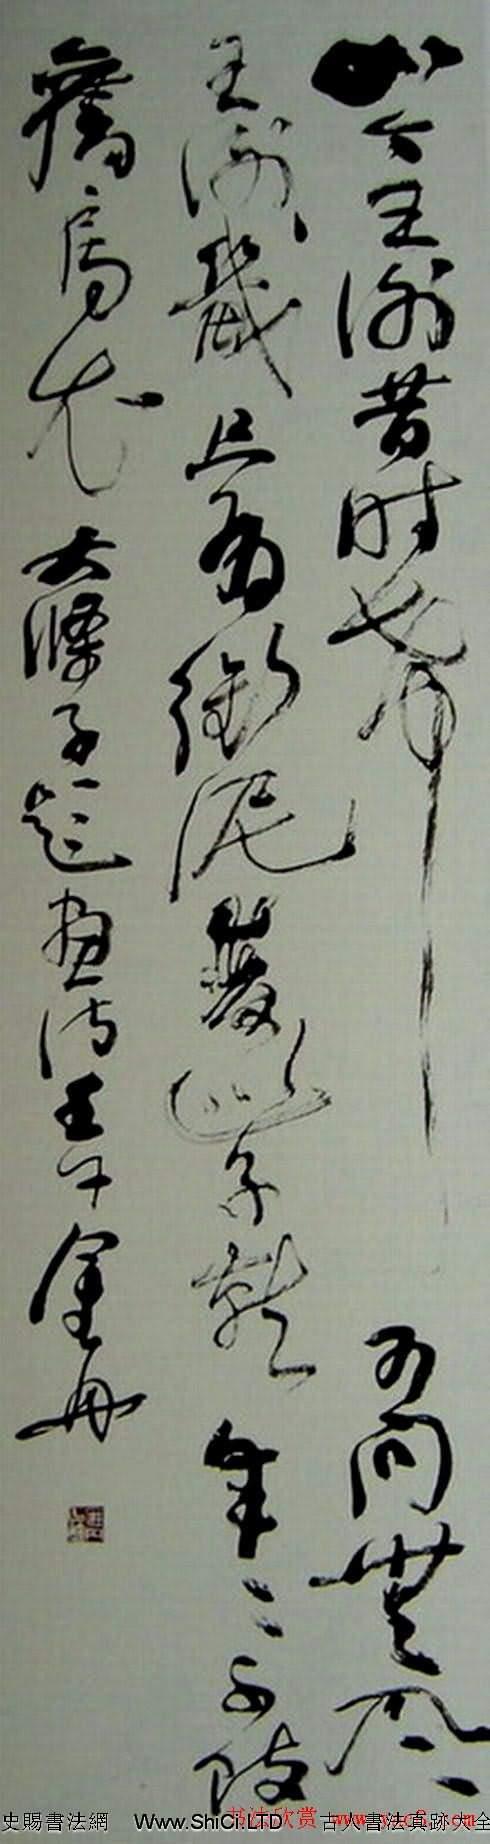 江蘇金丹書法作品欣賞